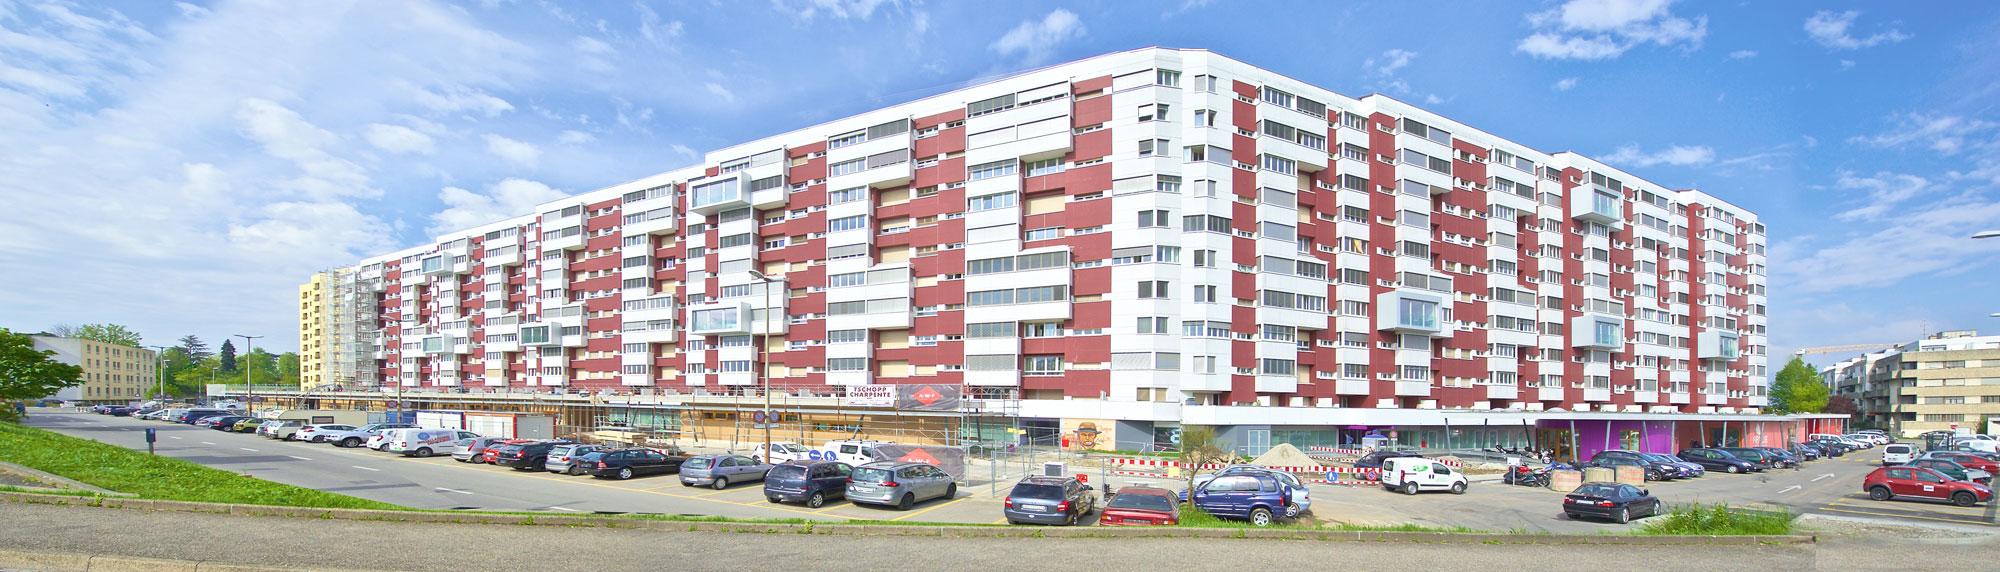 L'immeuble de logements des Libellules est construit en 1960 pour répondre à l'expansion croissante de Vernier.